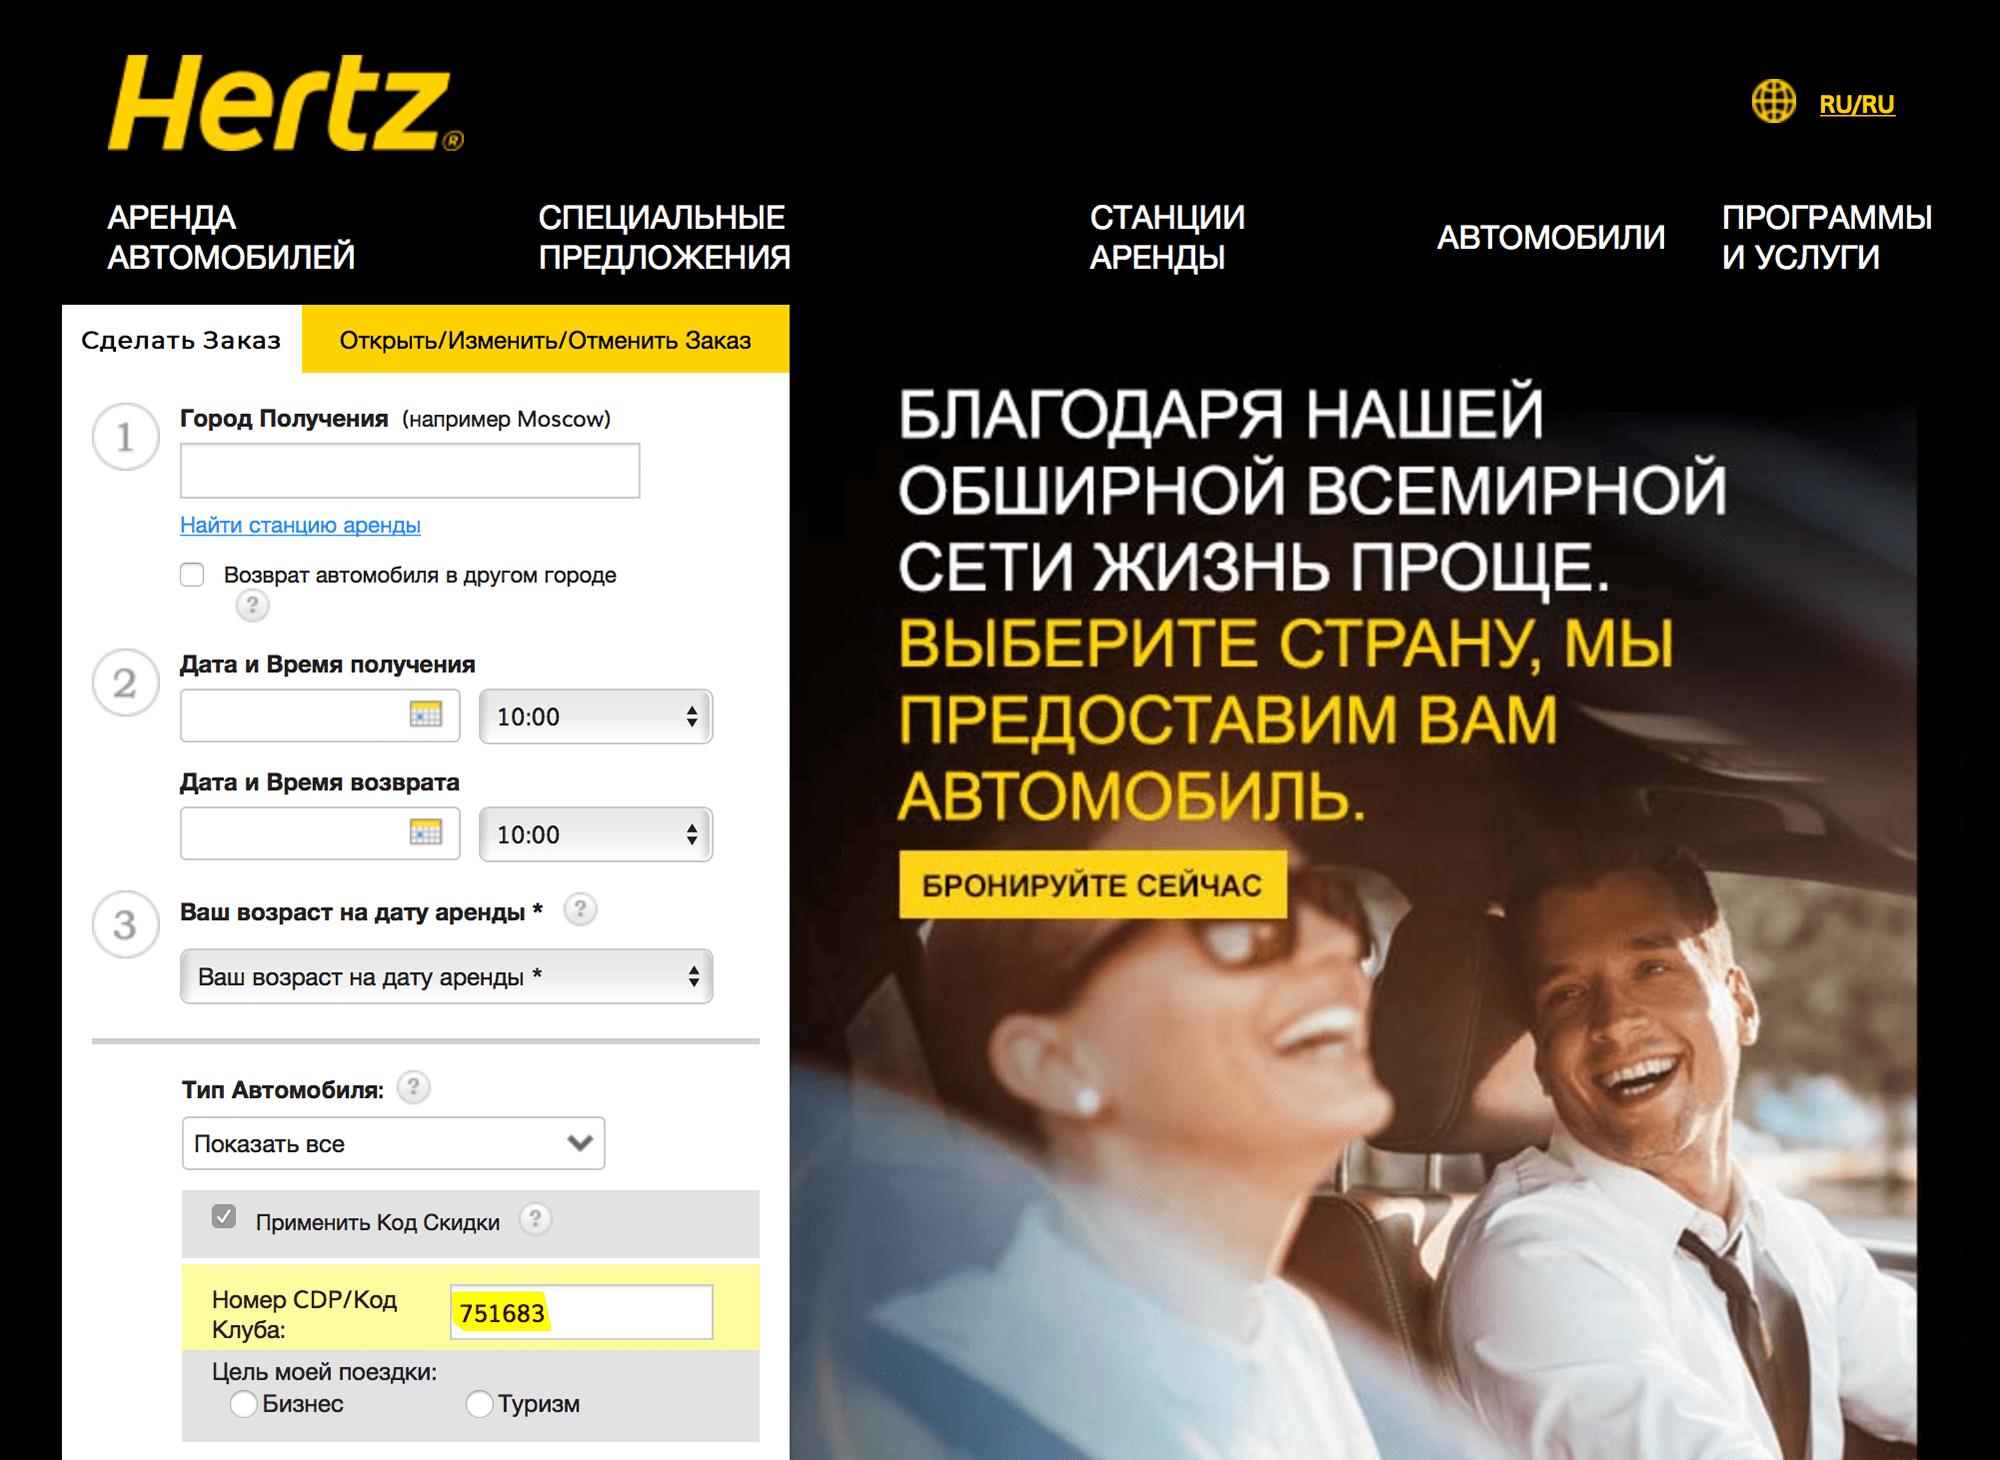 Чтобы узнать код для скидки, нужно выбрать компанию-партнера на сайте «Херца» и перейти на страницу бронирования. В окне «Номер CDP» будет код